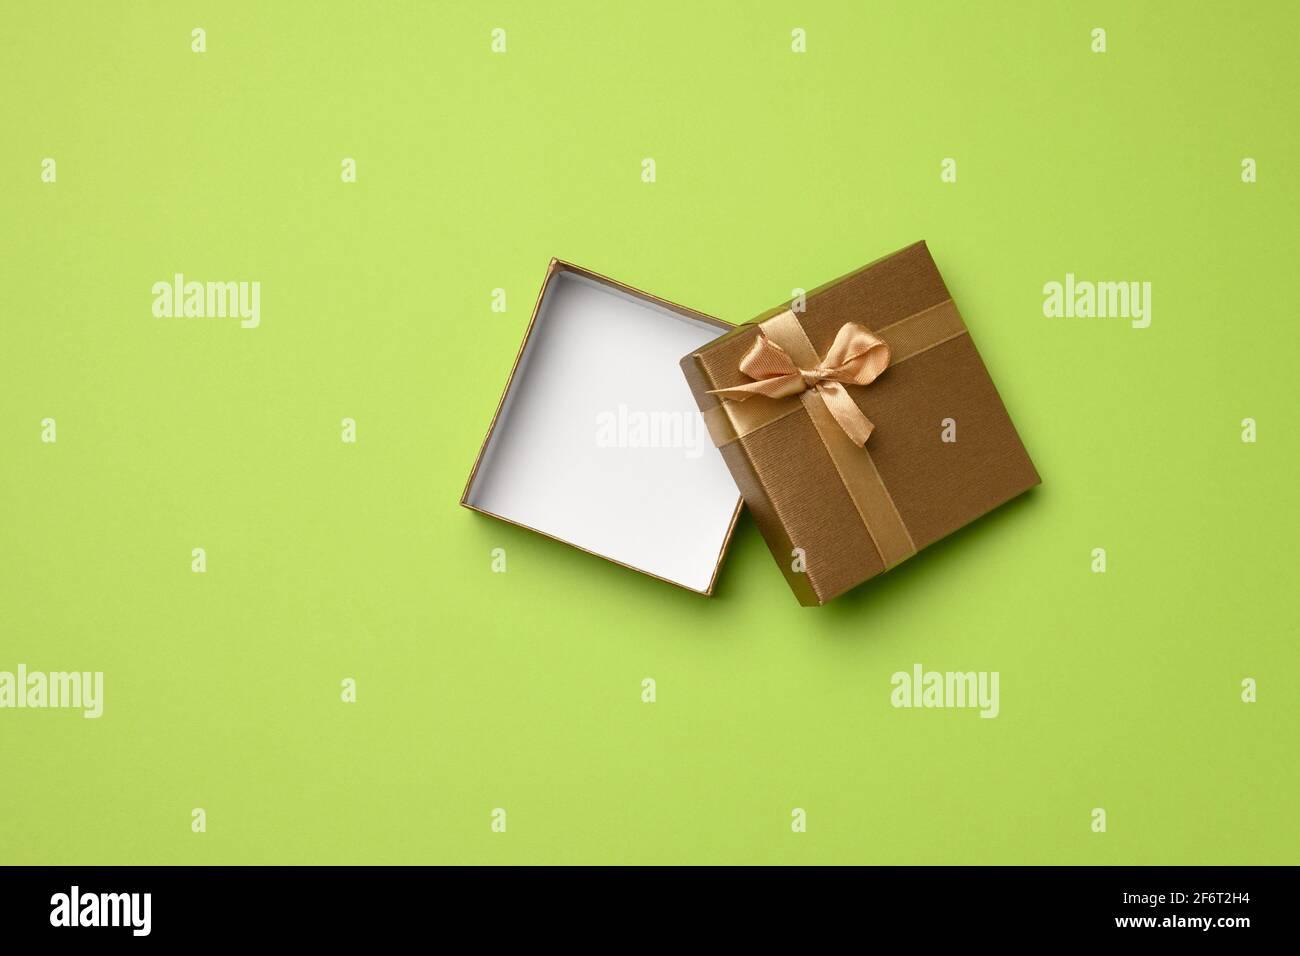 Leere quadratische goldene Schachtel mit Pappschleife auf grünem Hintergrund, Geschenk offen, Draufsicht. Stockfoto